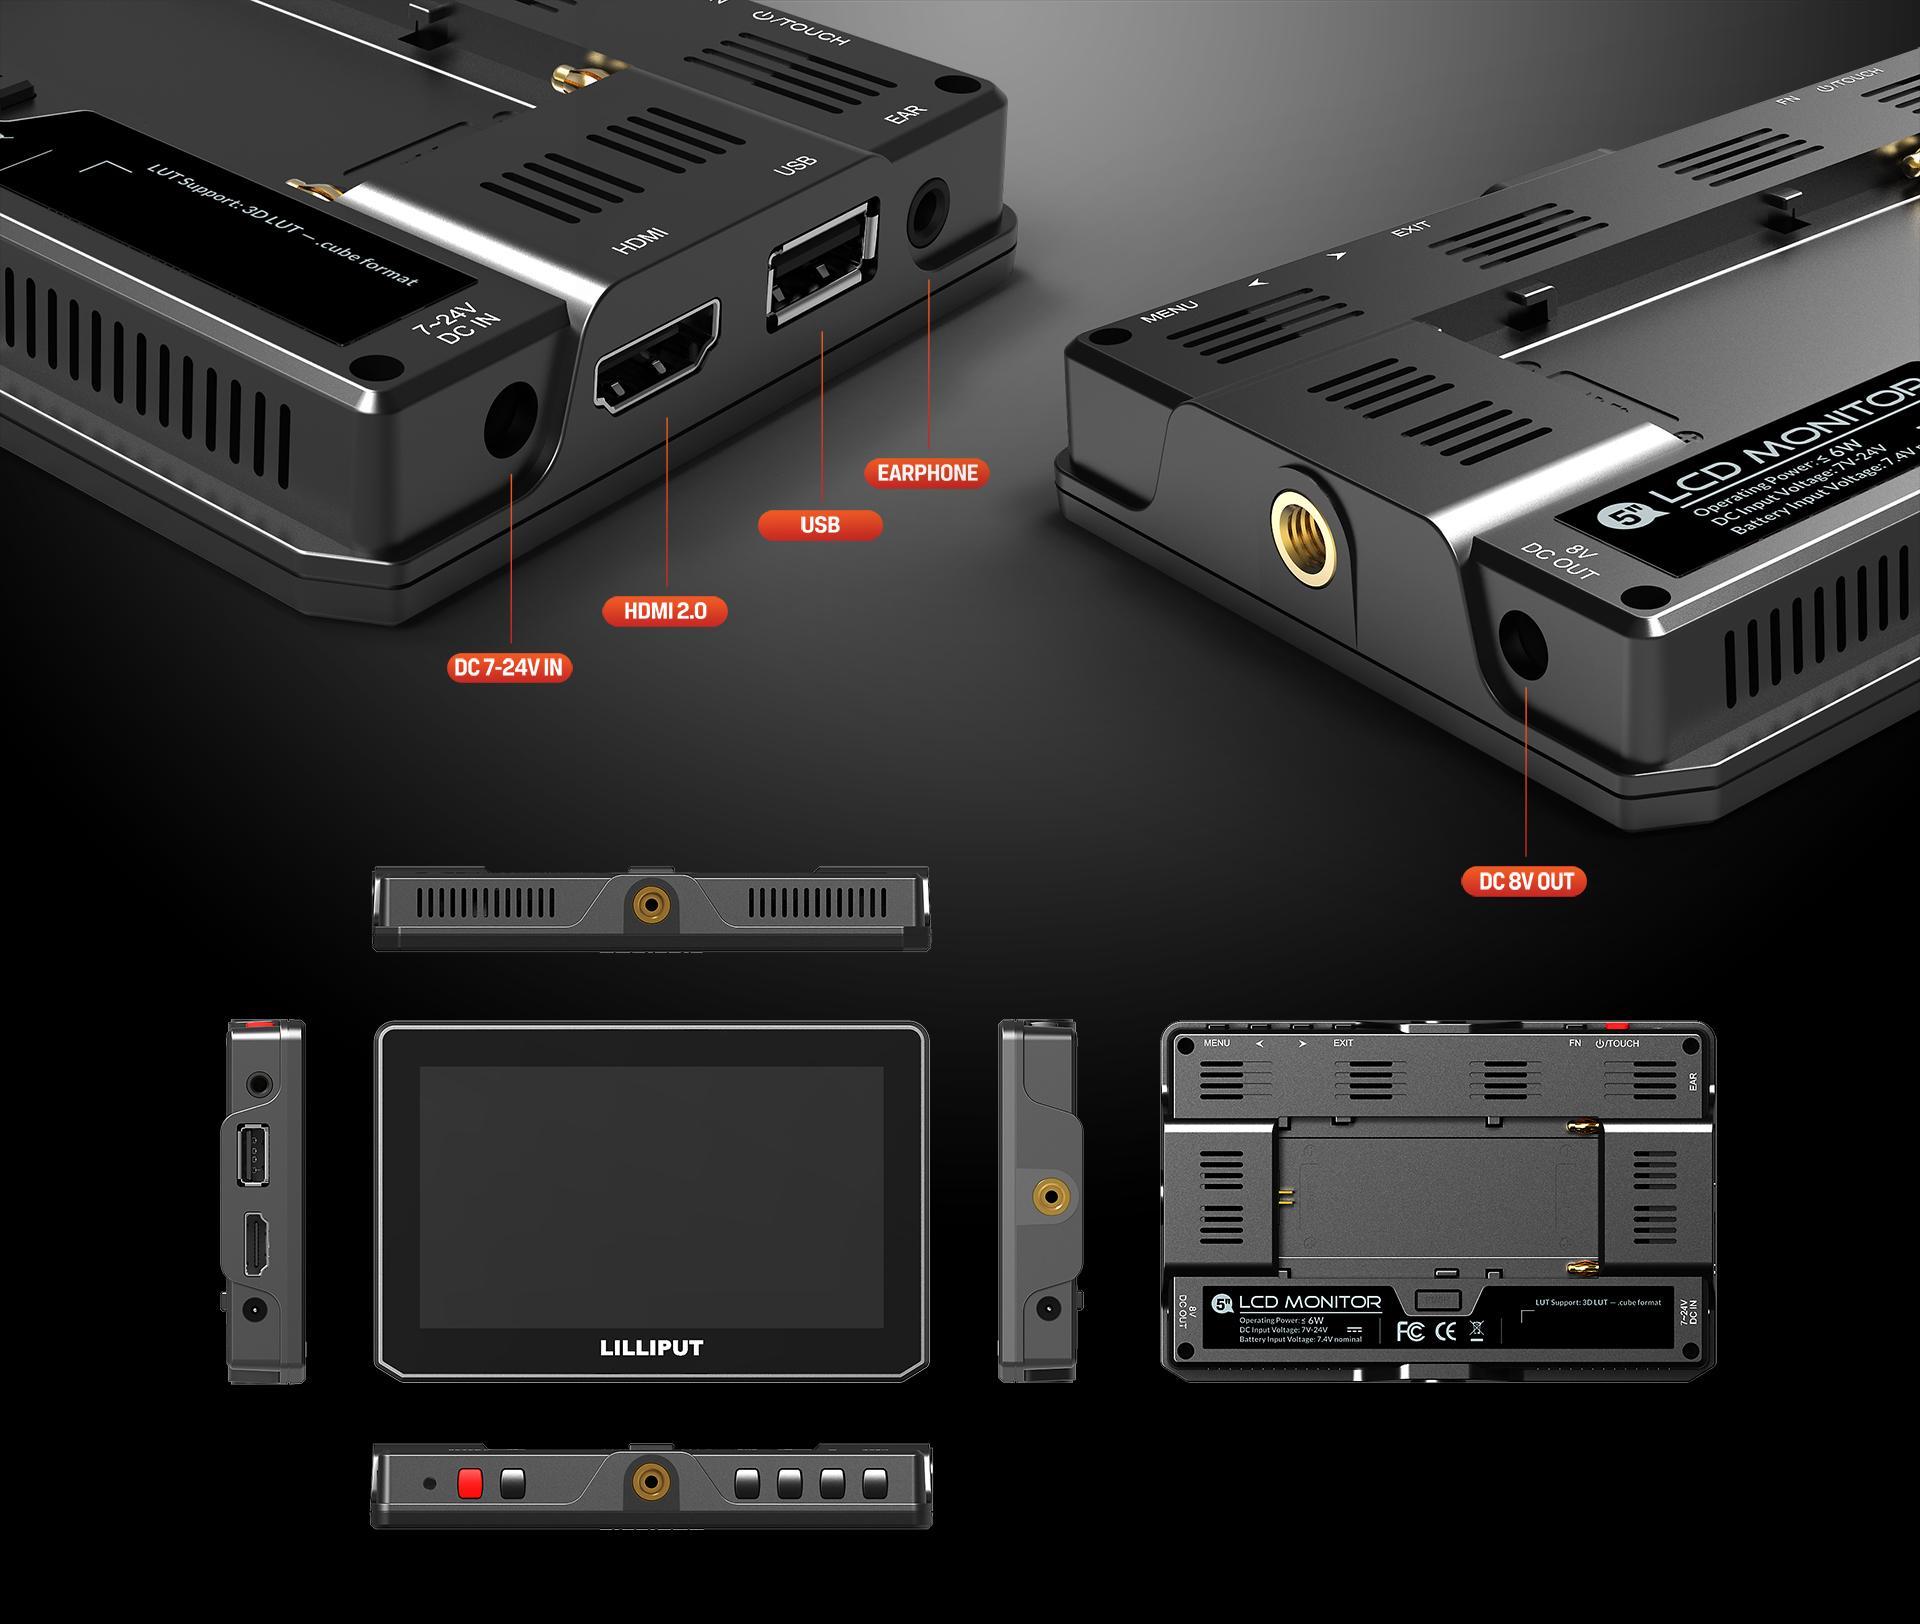 LILLIPUT 5inch TOUCH HDMI2.0 Camera Monitor 11